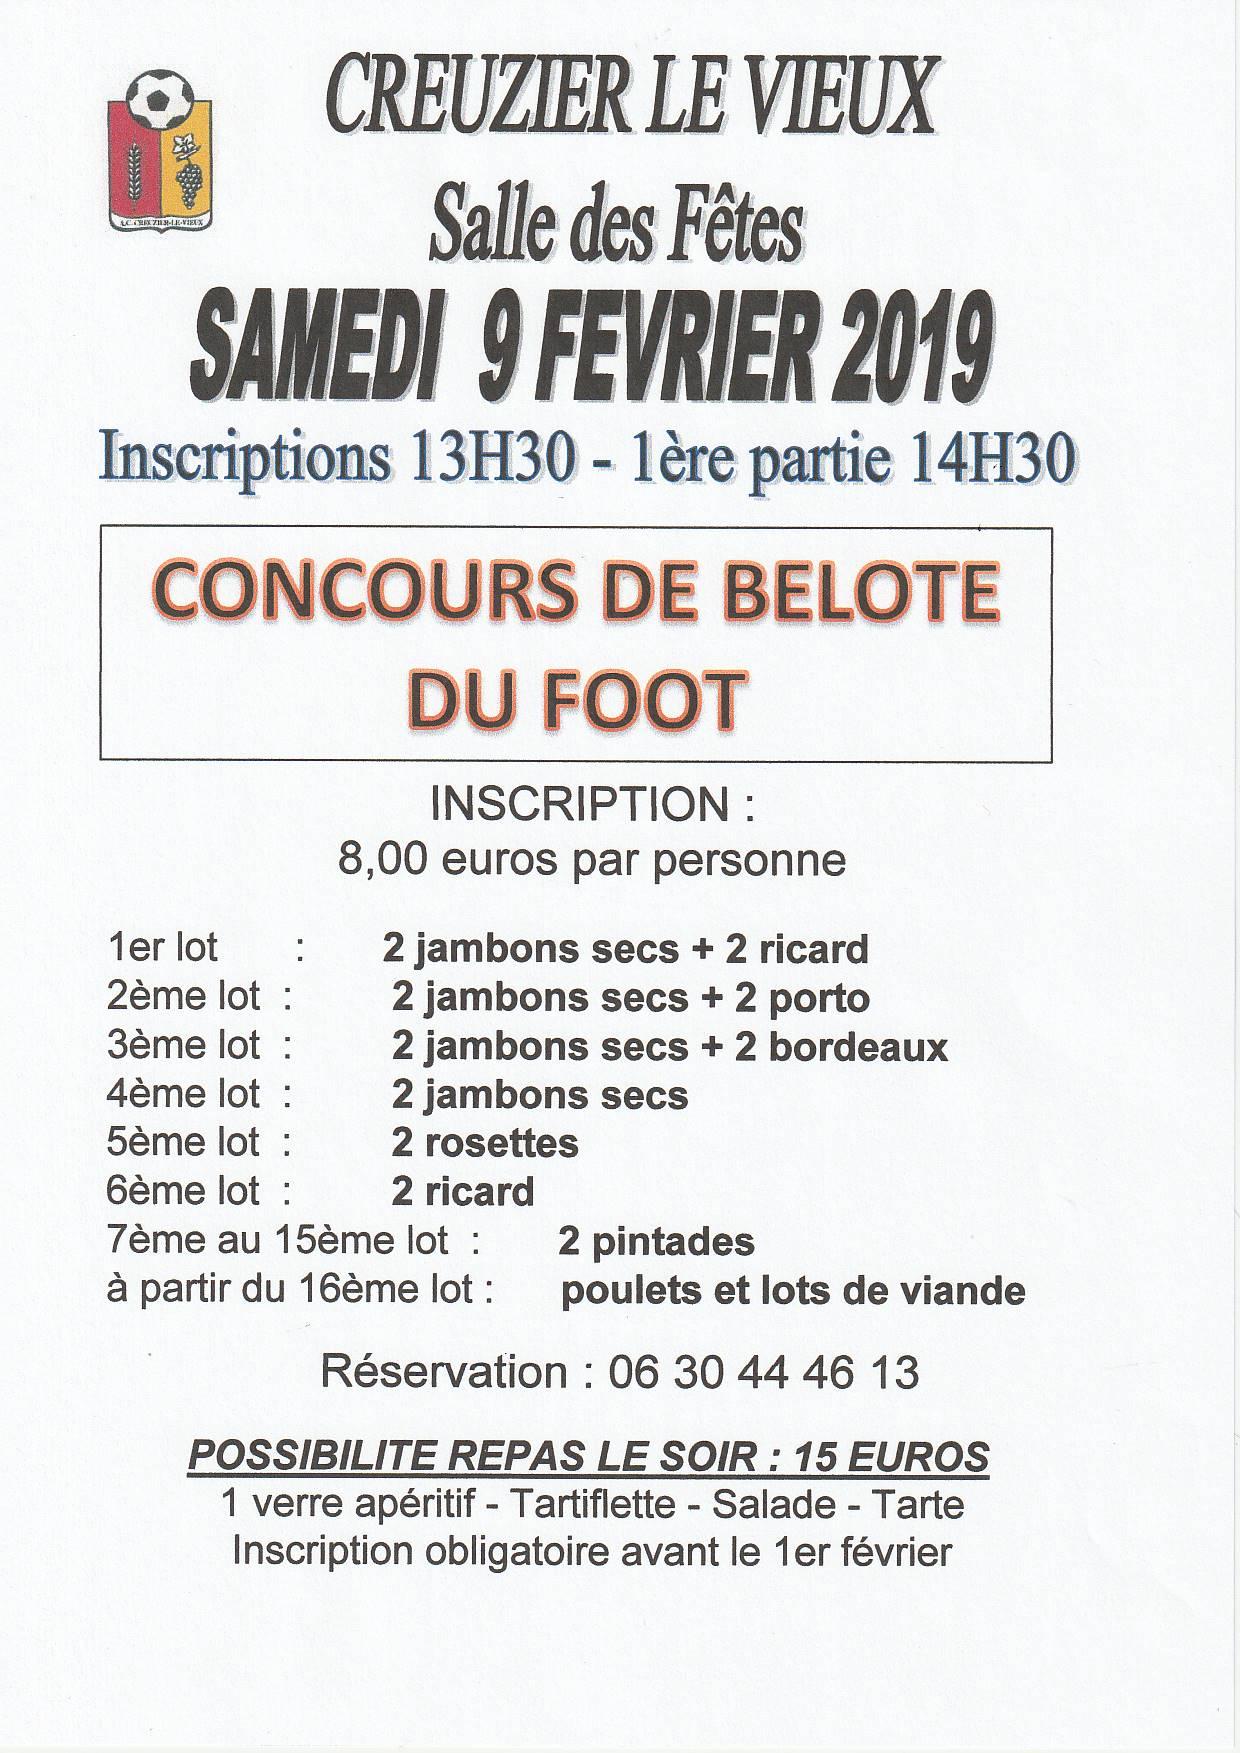 belote 9 fevrier 2019 (2)